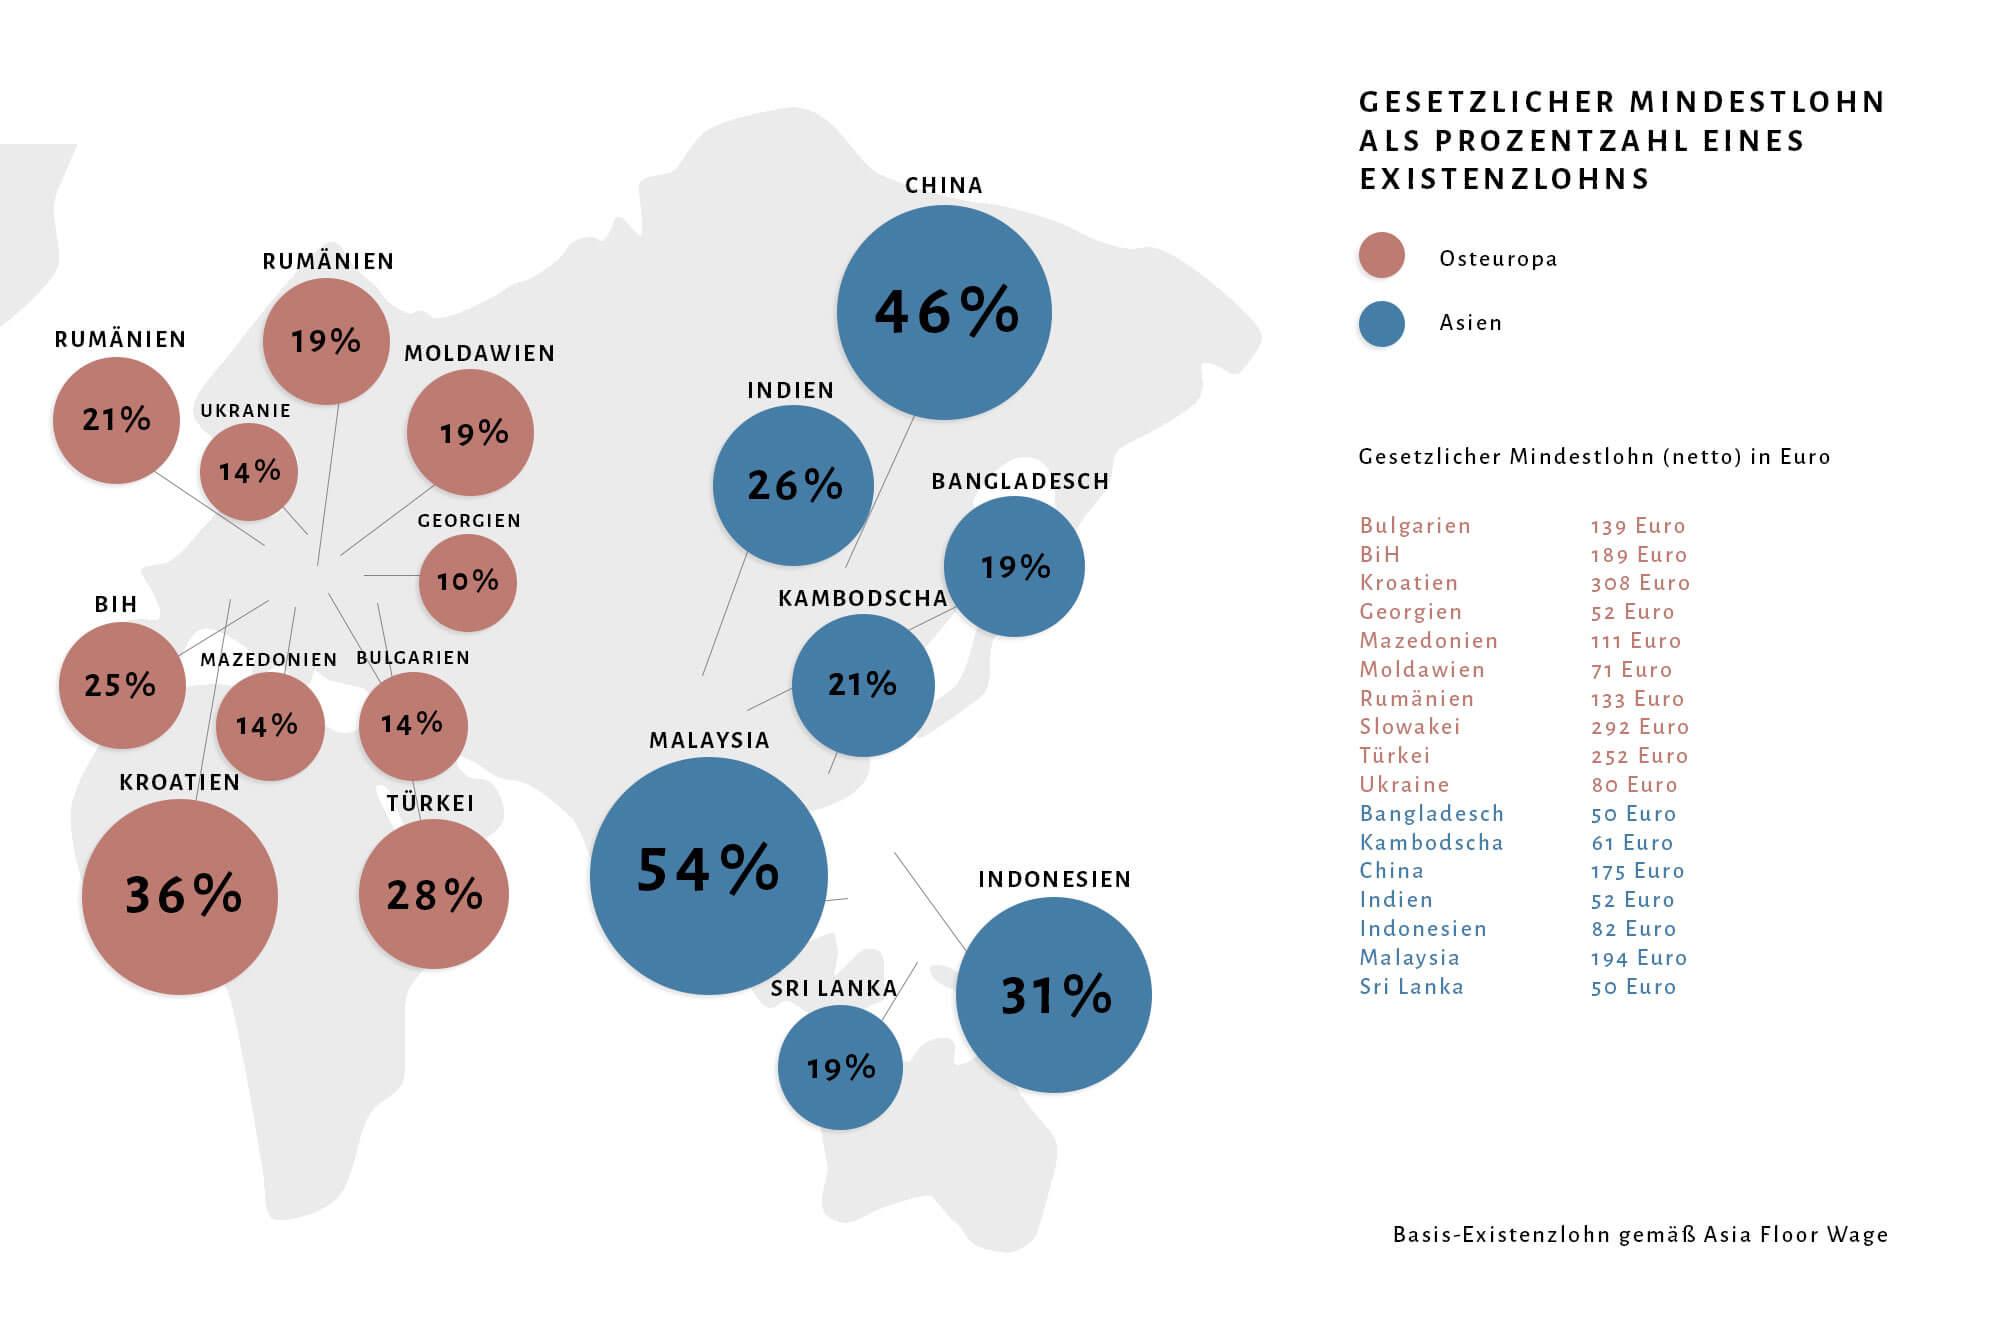 Infografik zum Living Wage in verschiedenen Produktionsländern